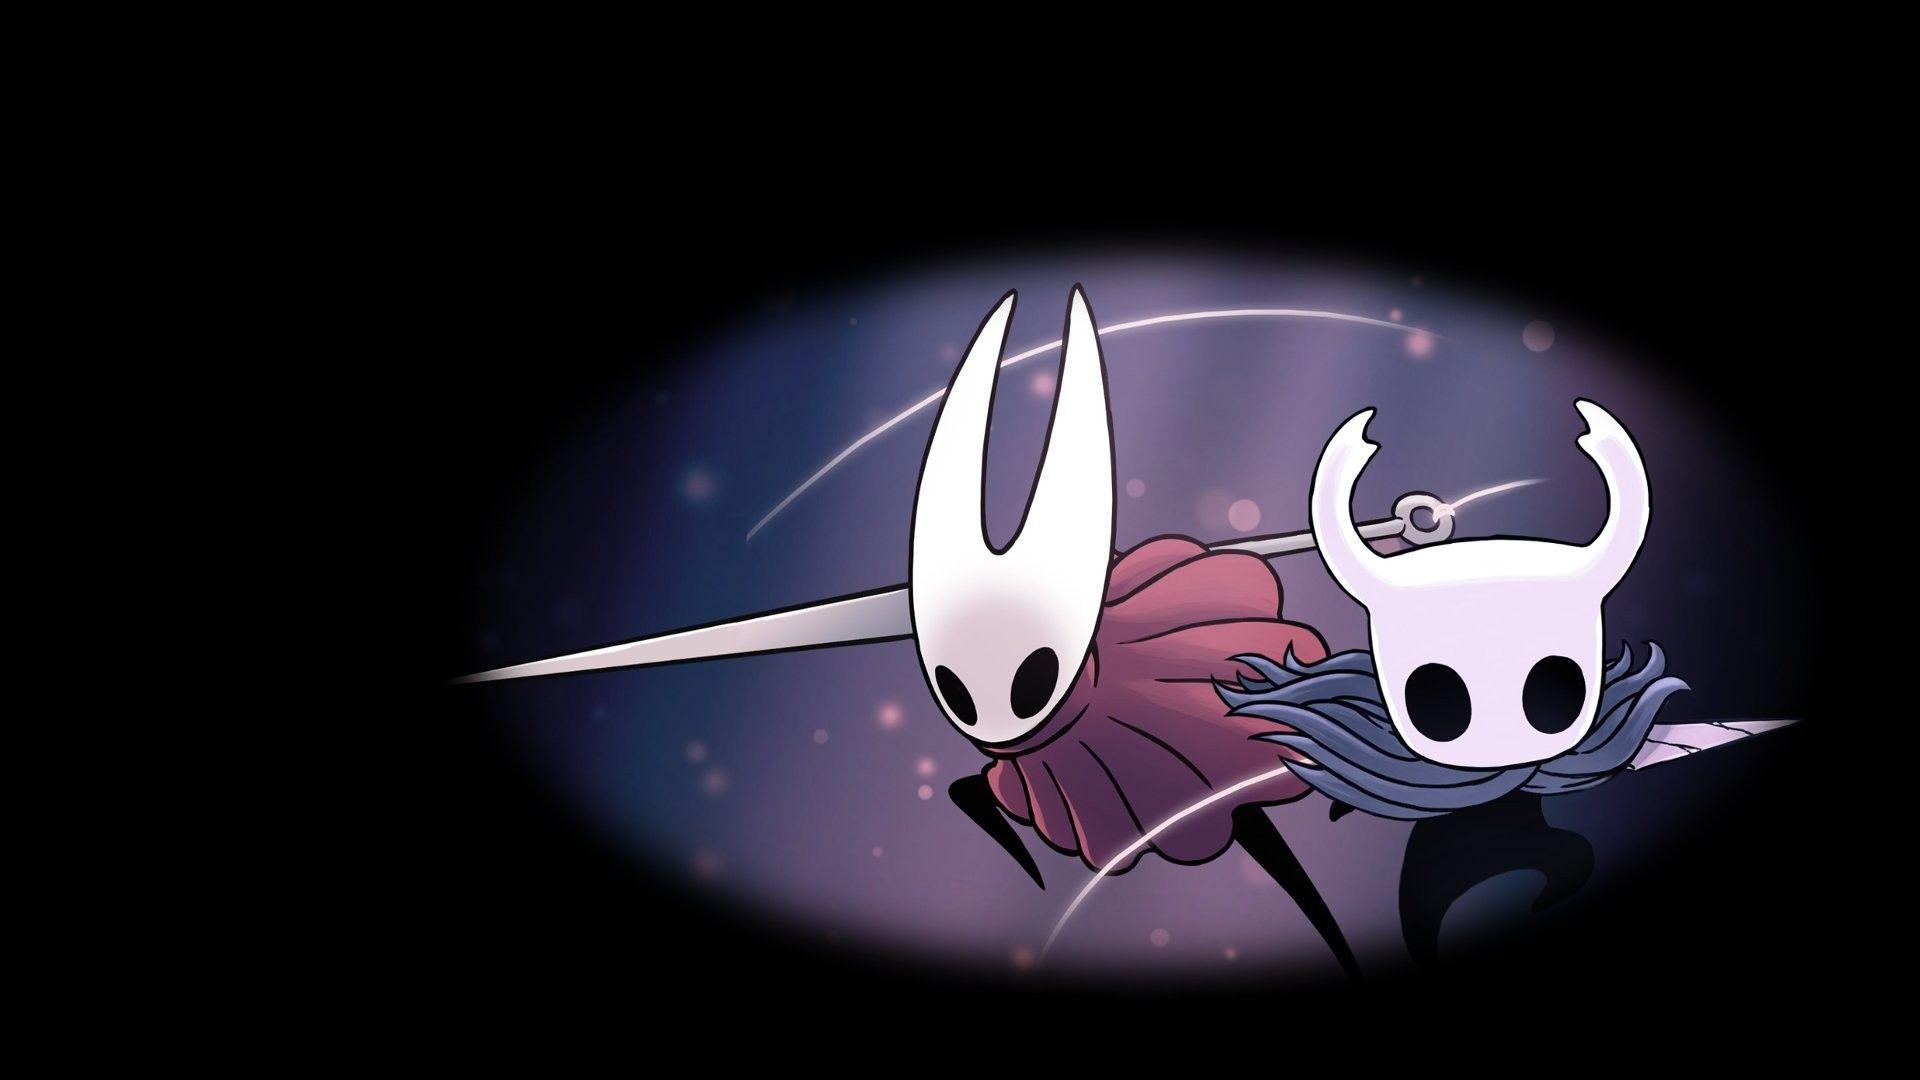 Wallpaper Hollow Knight Game Hd Best Wallpaper Hd Hd Cute Wallpapers Cute Wallpapers Wallpaper